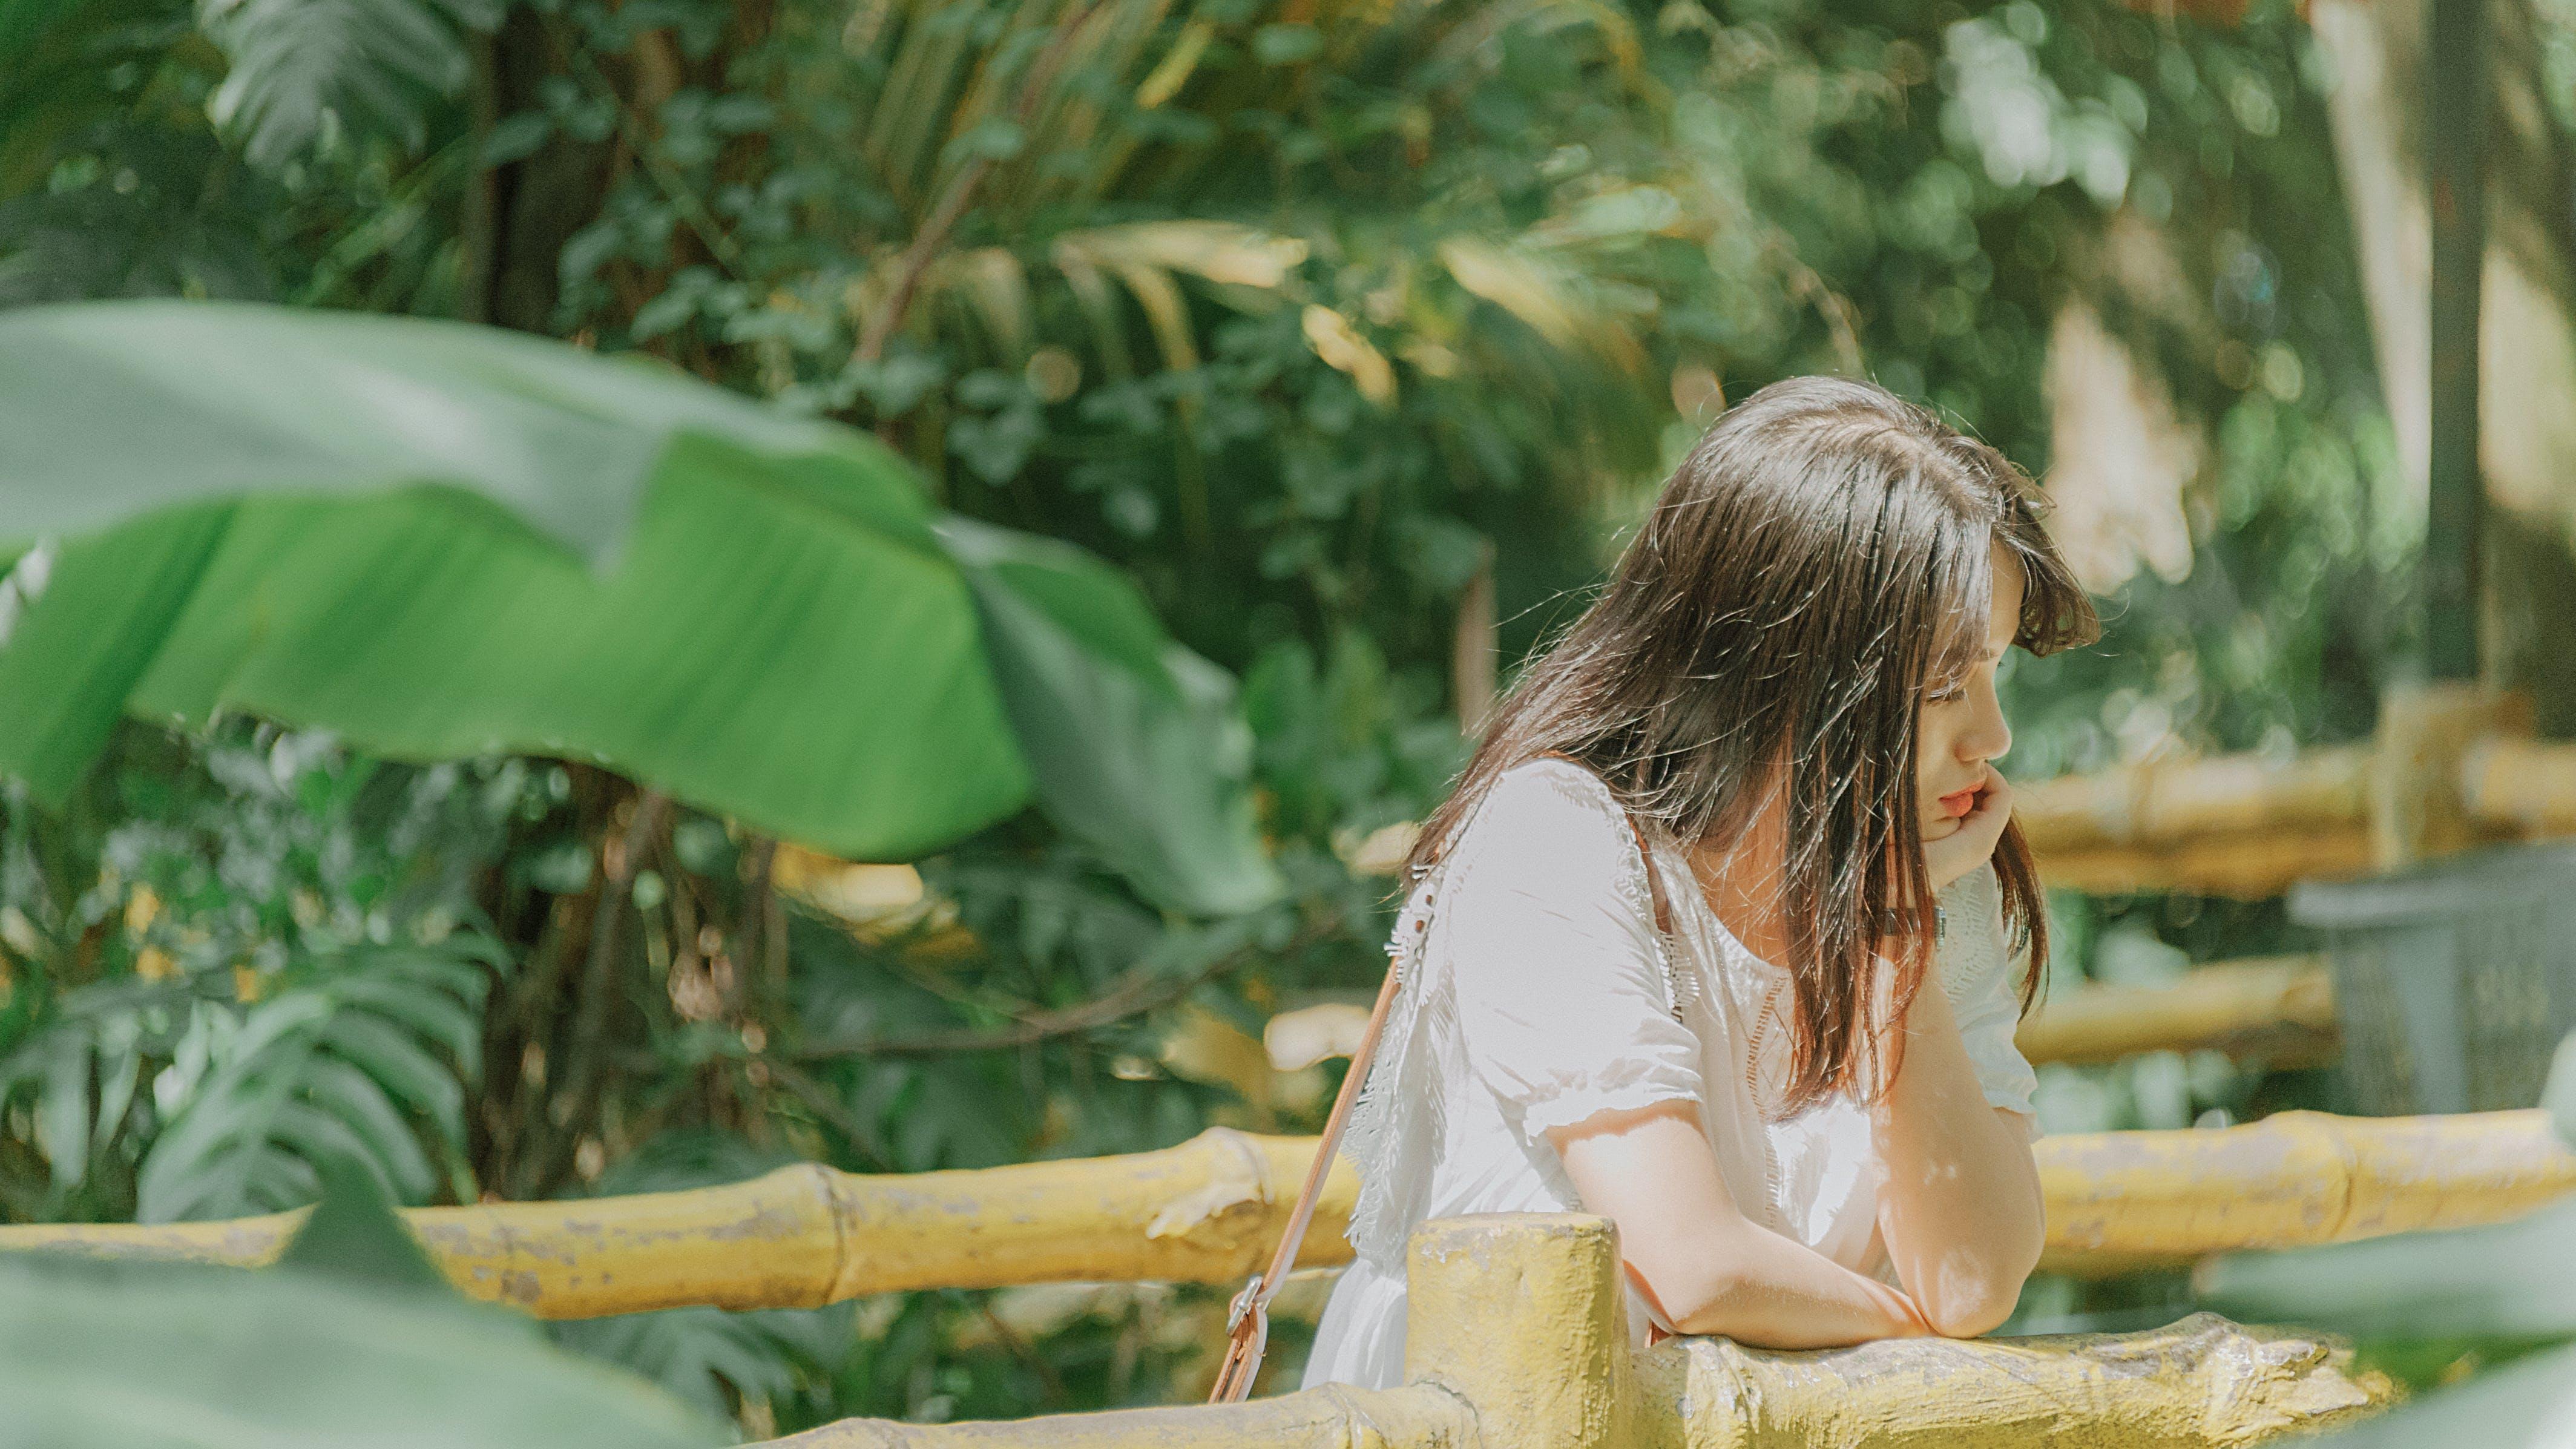 Gratis lagerfoto af afslapning, asiatisk kvinde, Asiatisk pige, dagslys